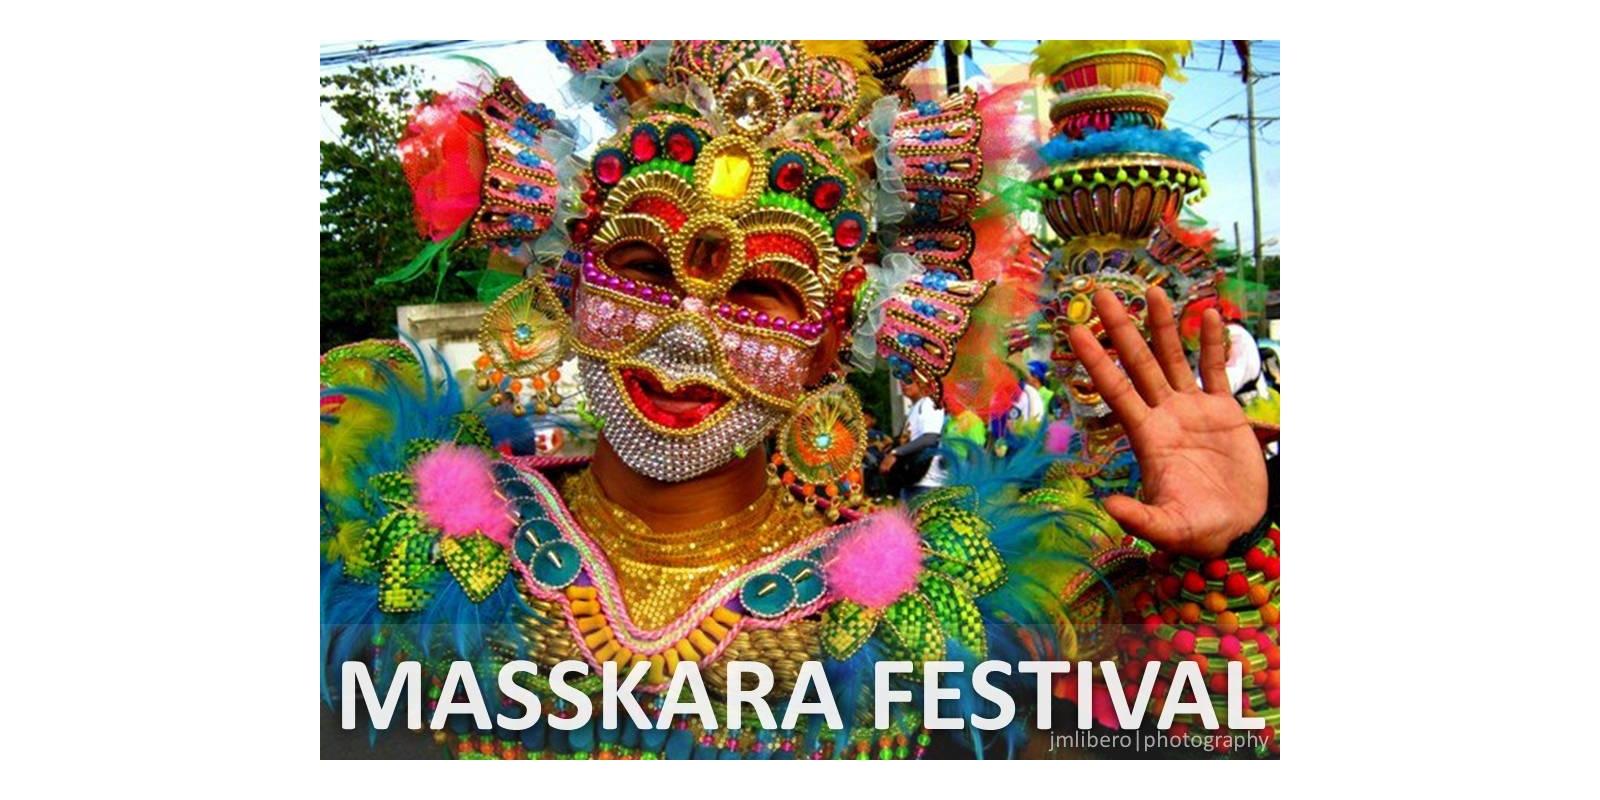 毎年10月第3週にネグロス島西部の州都バコロドで開催されるマスカラ祭り(Masskara Festival in Bacolod)